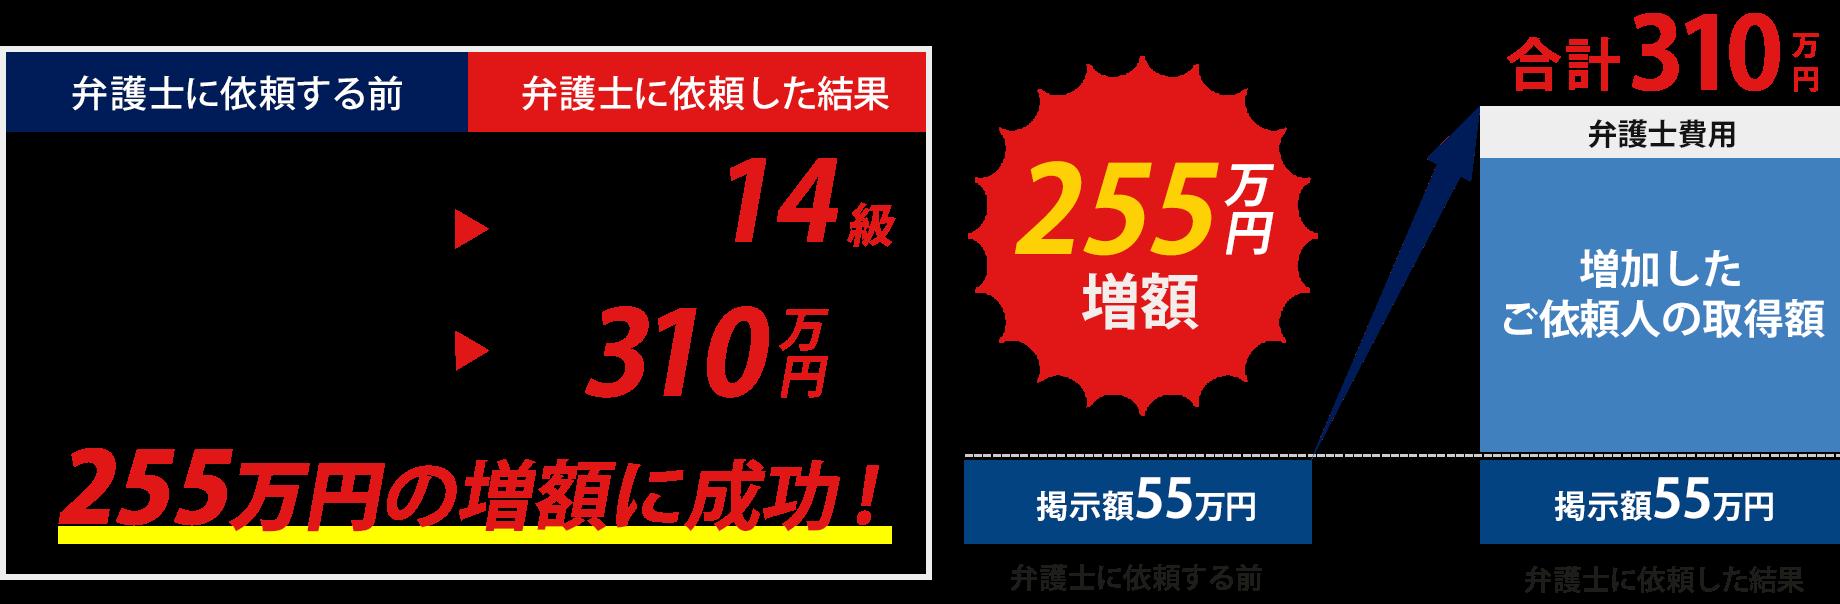 255万円の増額に成功!